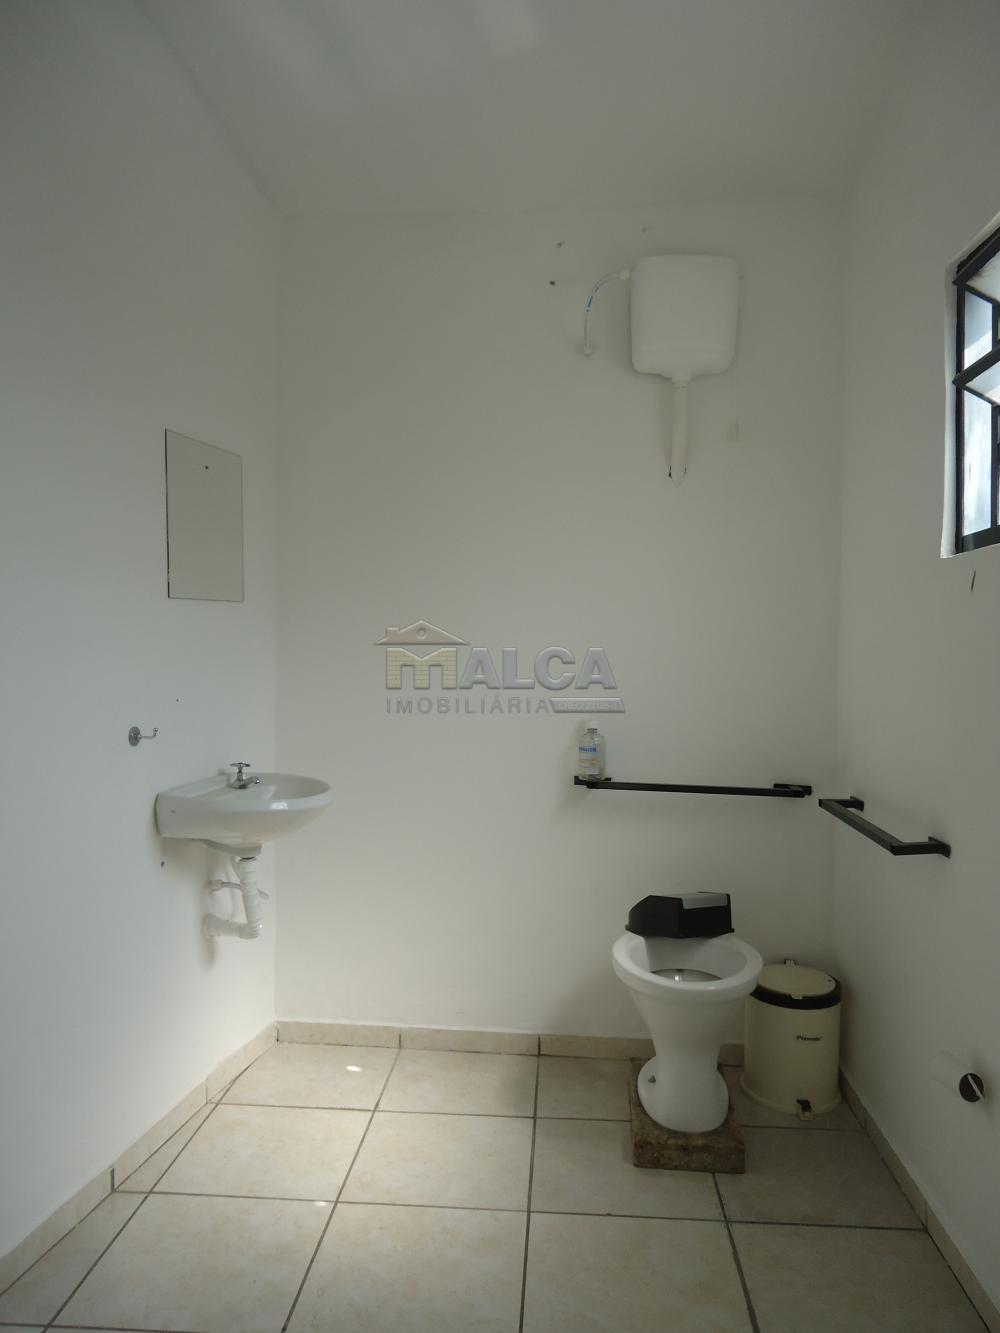 Alugar Comerciais / Barracões em São José do Rio Pardo apenas R$ 1.000,00 - Foto 4